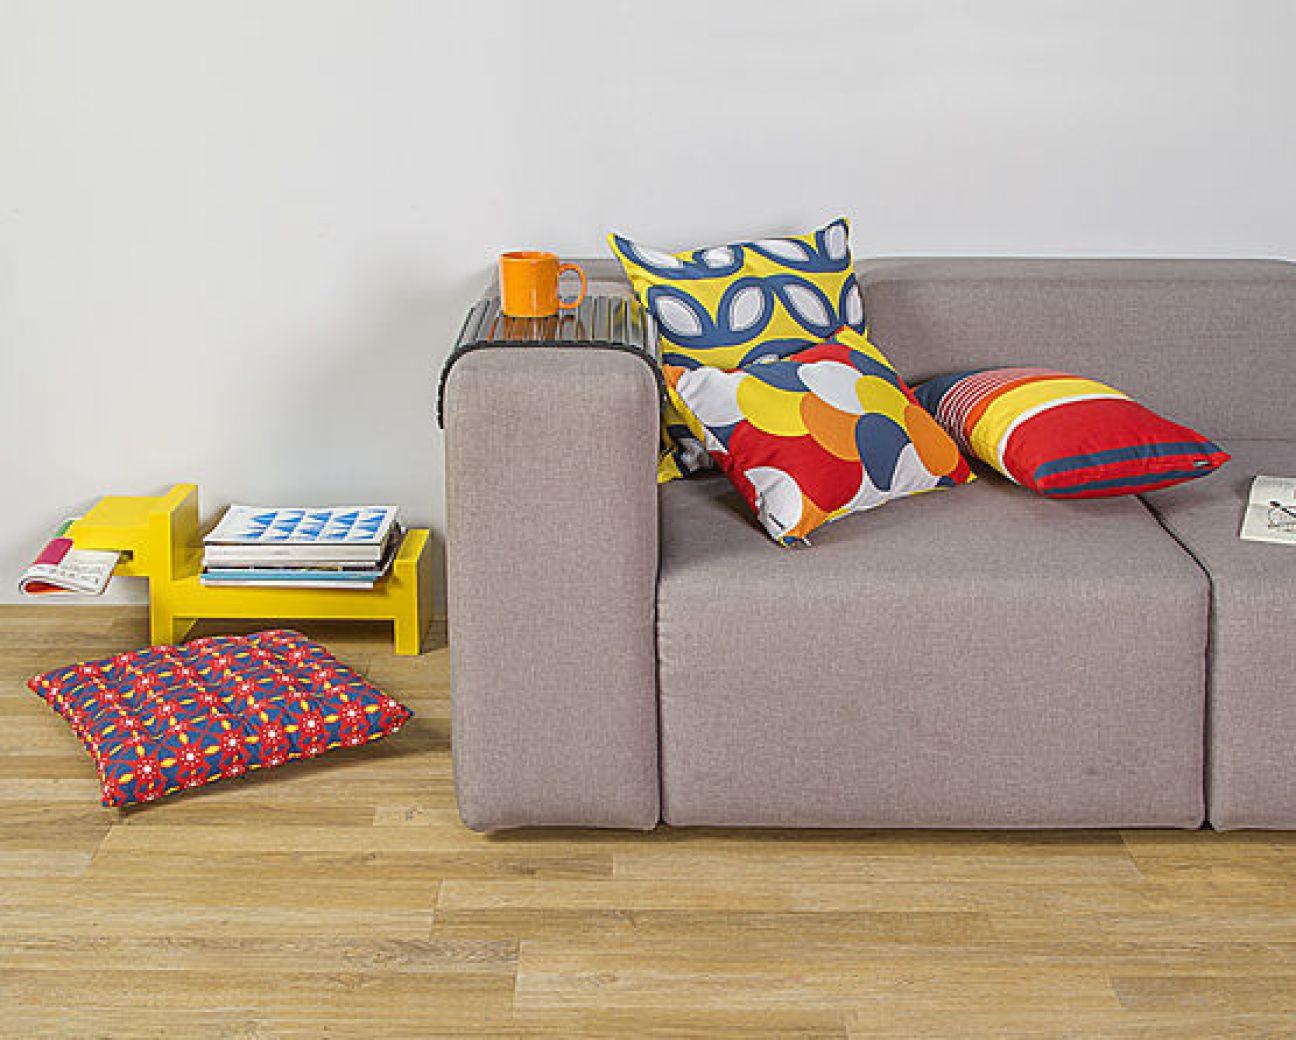 Cores for Mantas sofa carrefour